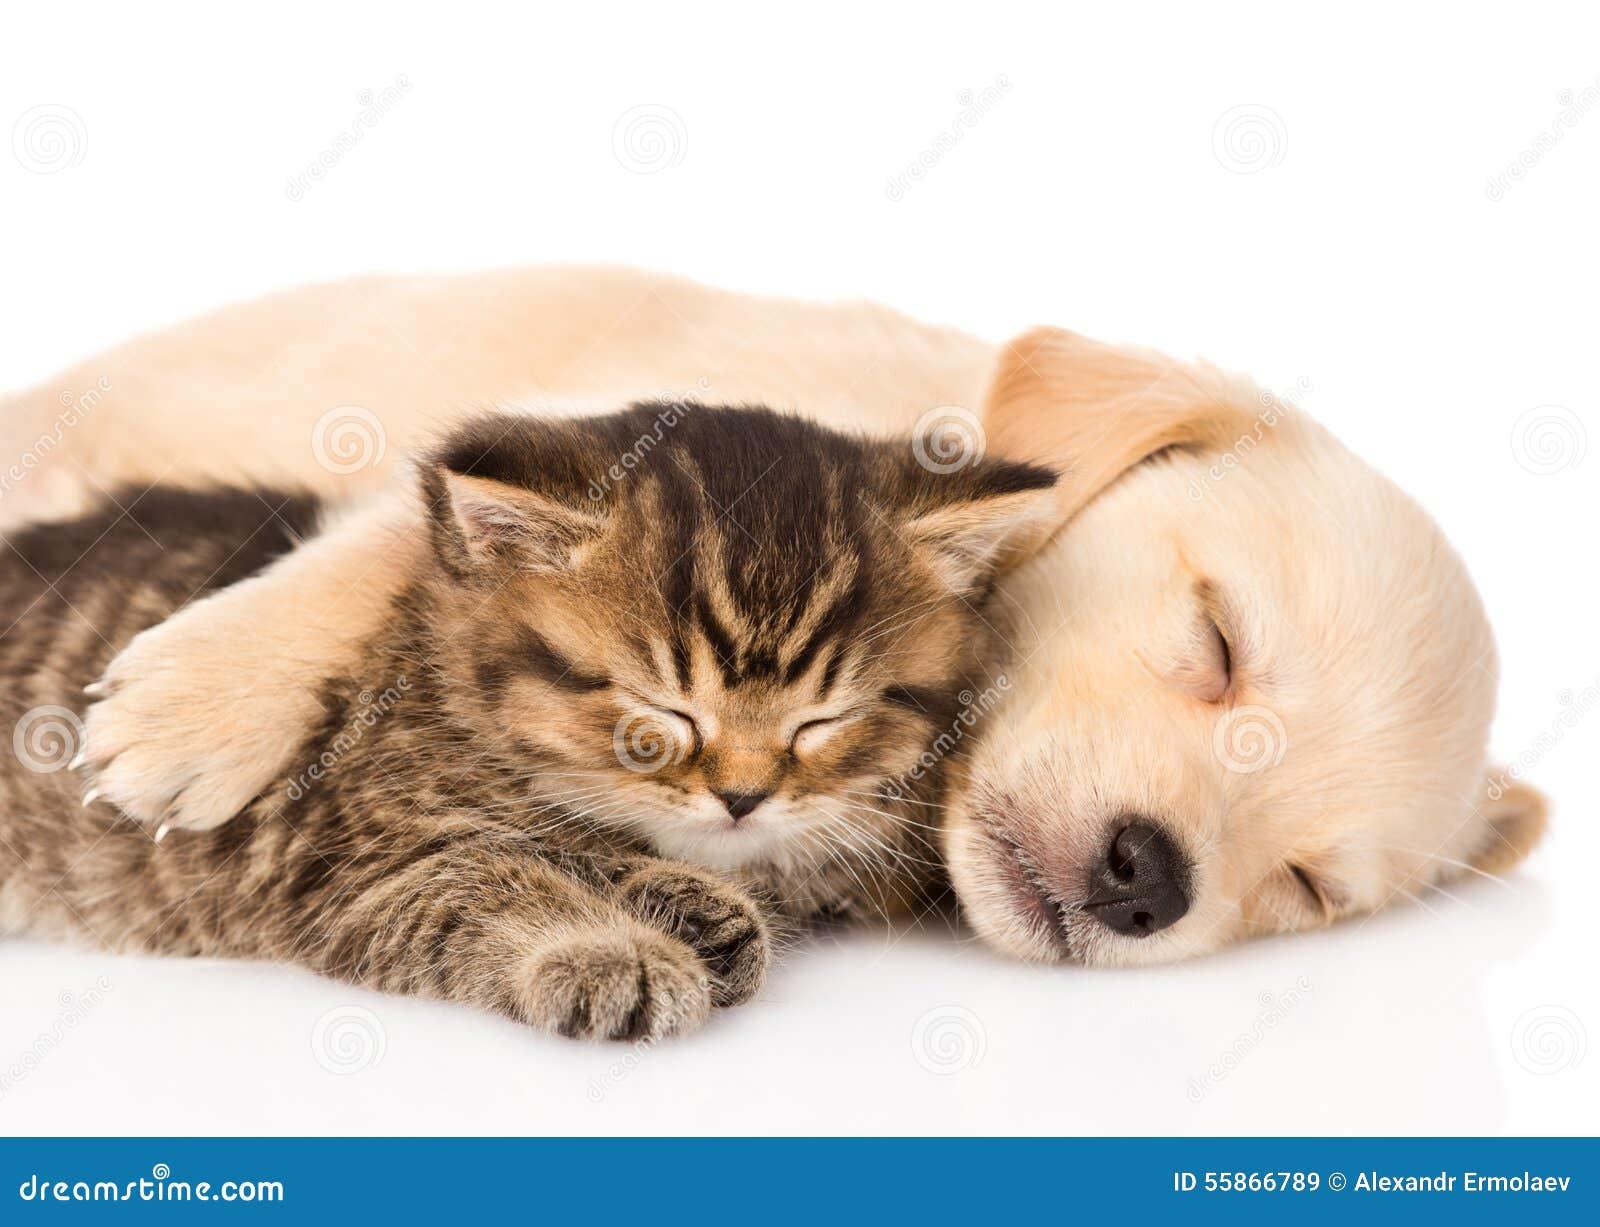 Cucciolo di cane di golden retriever e gatto britannico che dormono insieme  Isolato